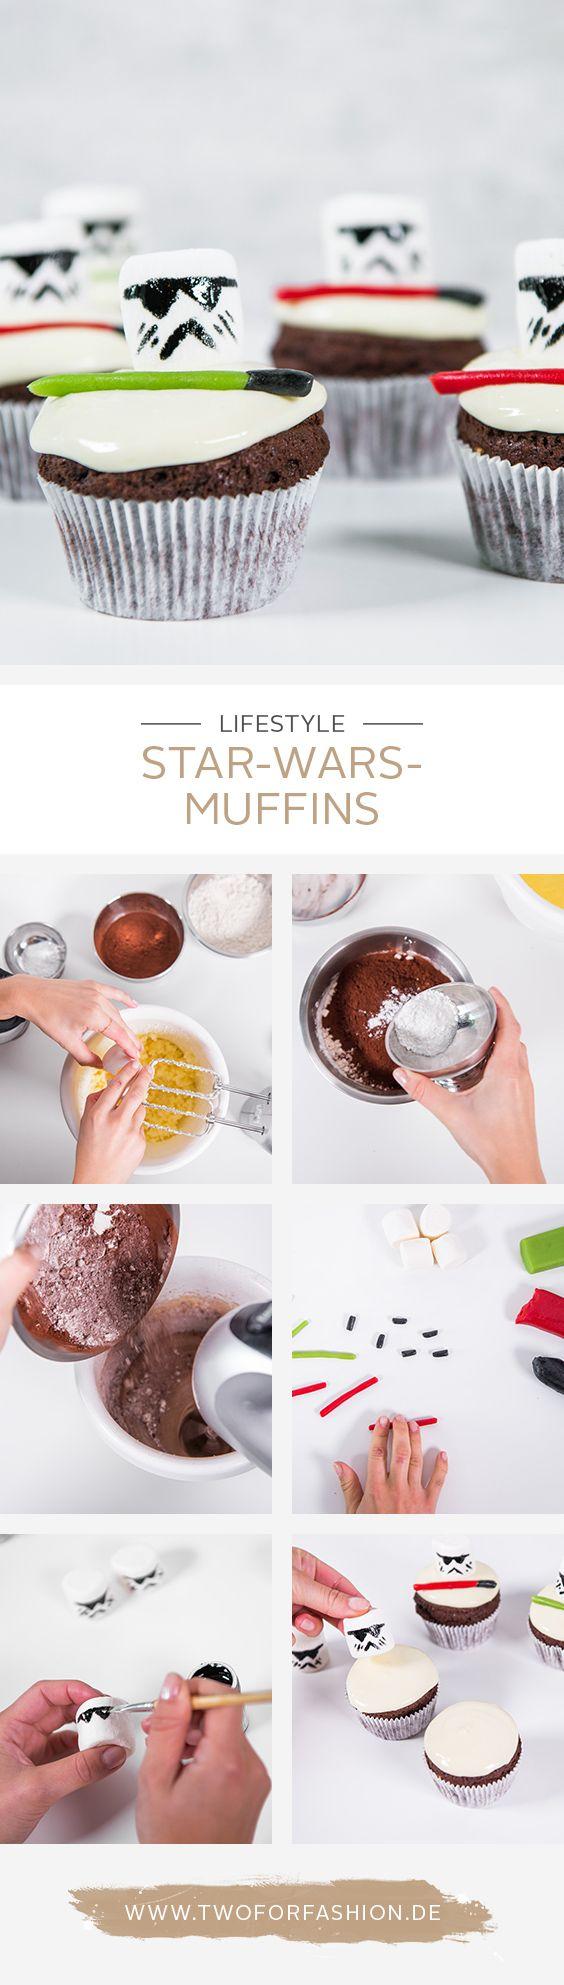 #starwars #starwarskuchen #muffinrezept #marshmallow #stormtrooper  Mit Vorfreude erwarten wir den neuen Star Wars Film am 14.12. Um uns und euch darauf schon mal einzustimmen, haben wir euch diese Anleitung für kreative und unglaublich leckere Star Wars Kuchen und Muffins erstellt. Nachbacken lohnt sich!